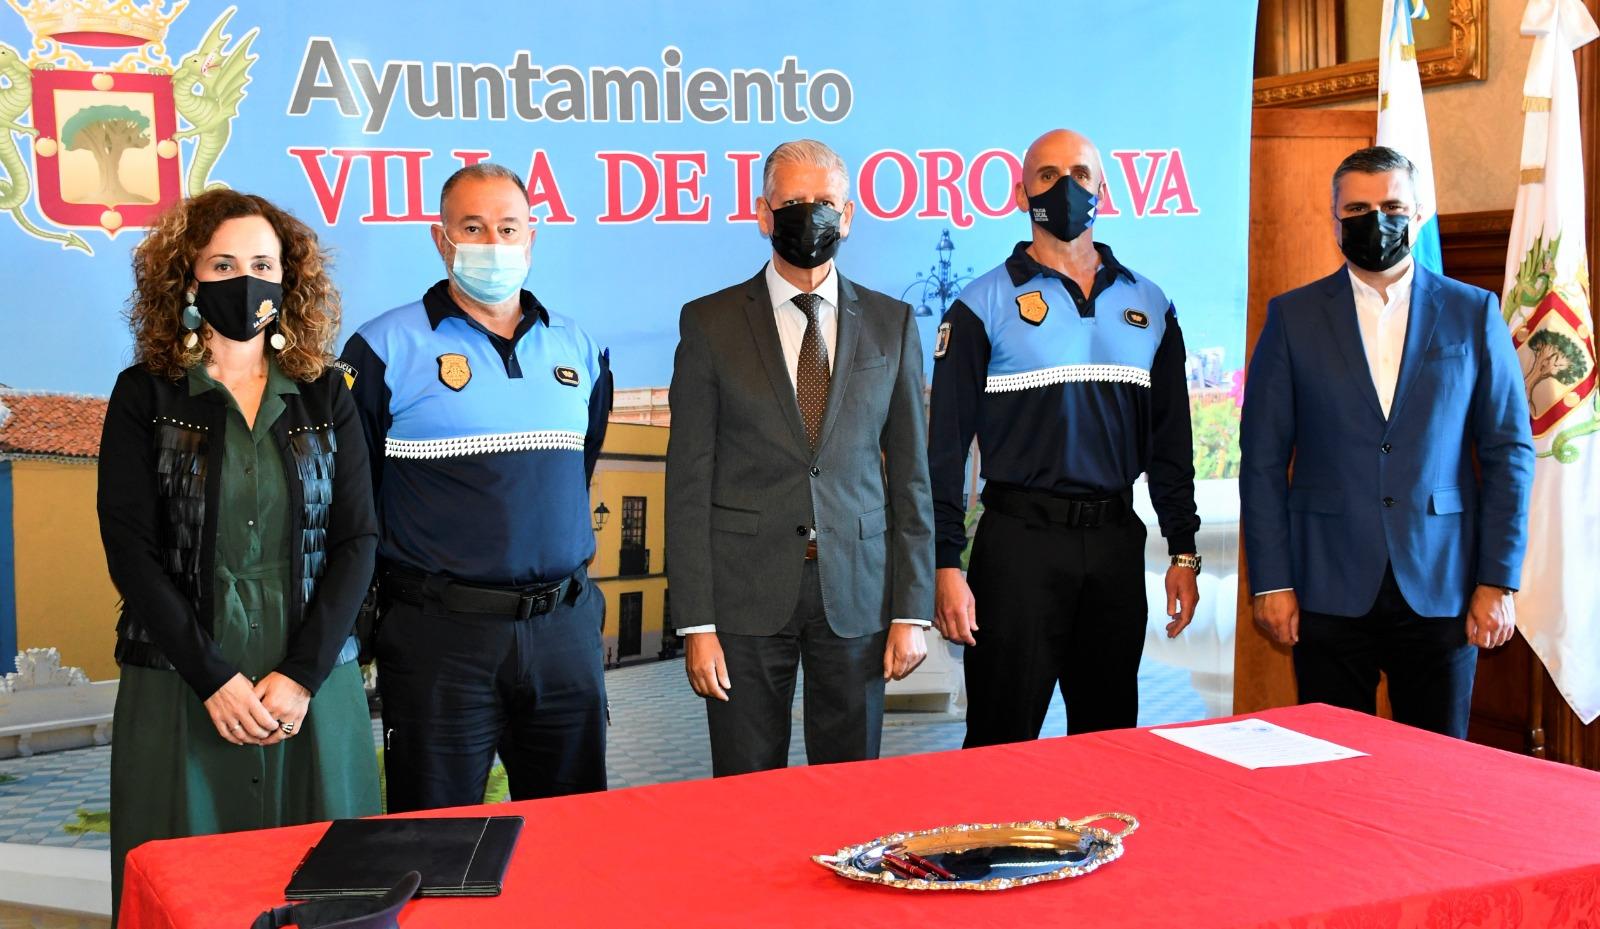 El alcalde de la Villa, Francisco Linares, agradeció y valoró el trabajo realizado por Pedro Domingo Hernández Martín quien ha estado al frente de este cargo durante 11 años y 39 en el cuerpo